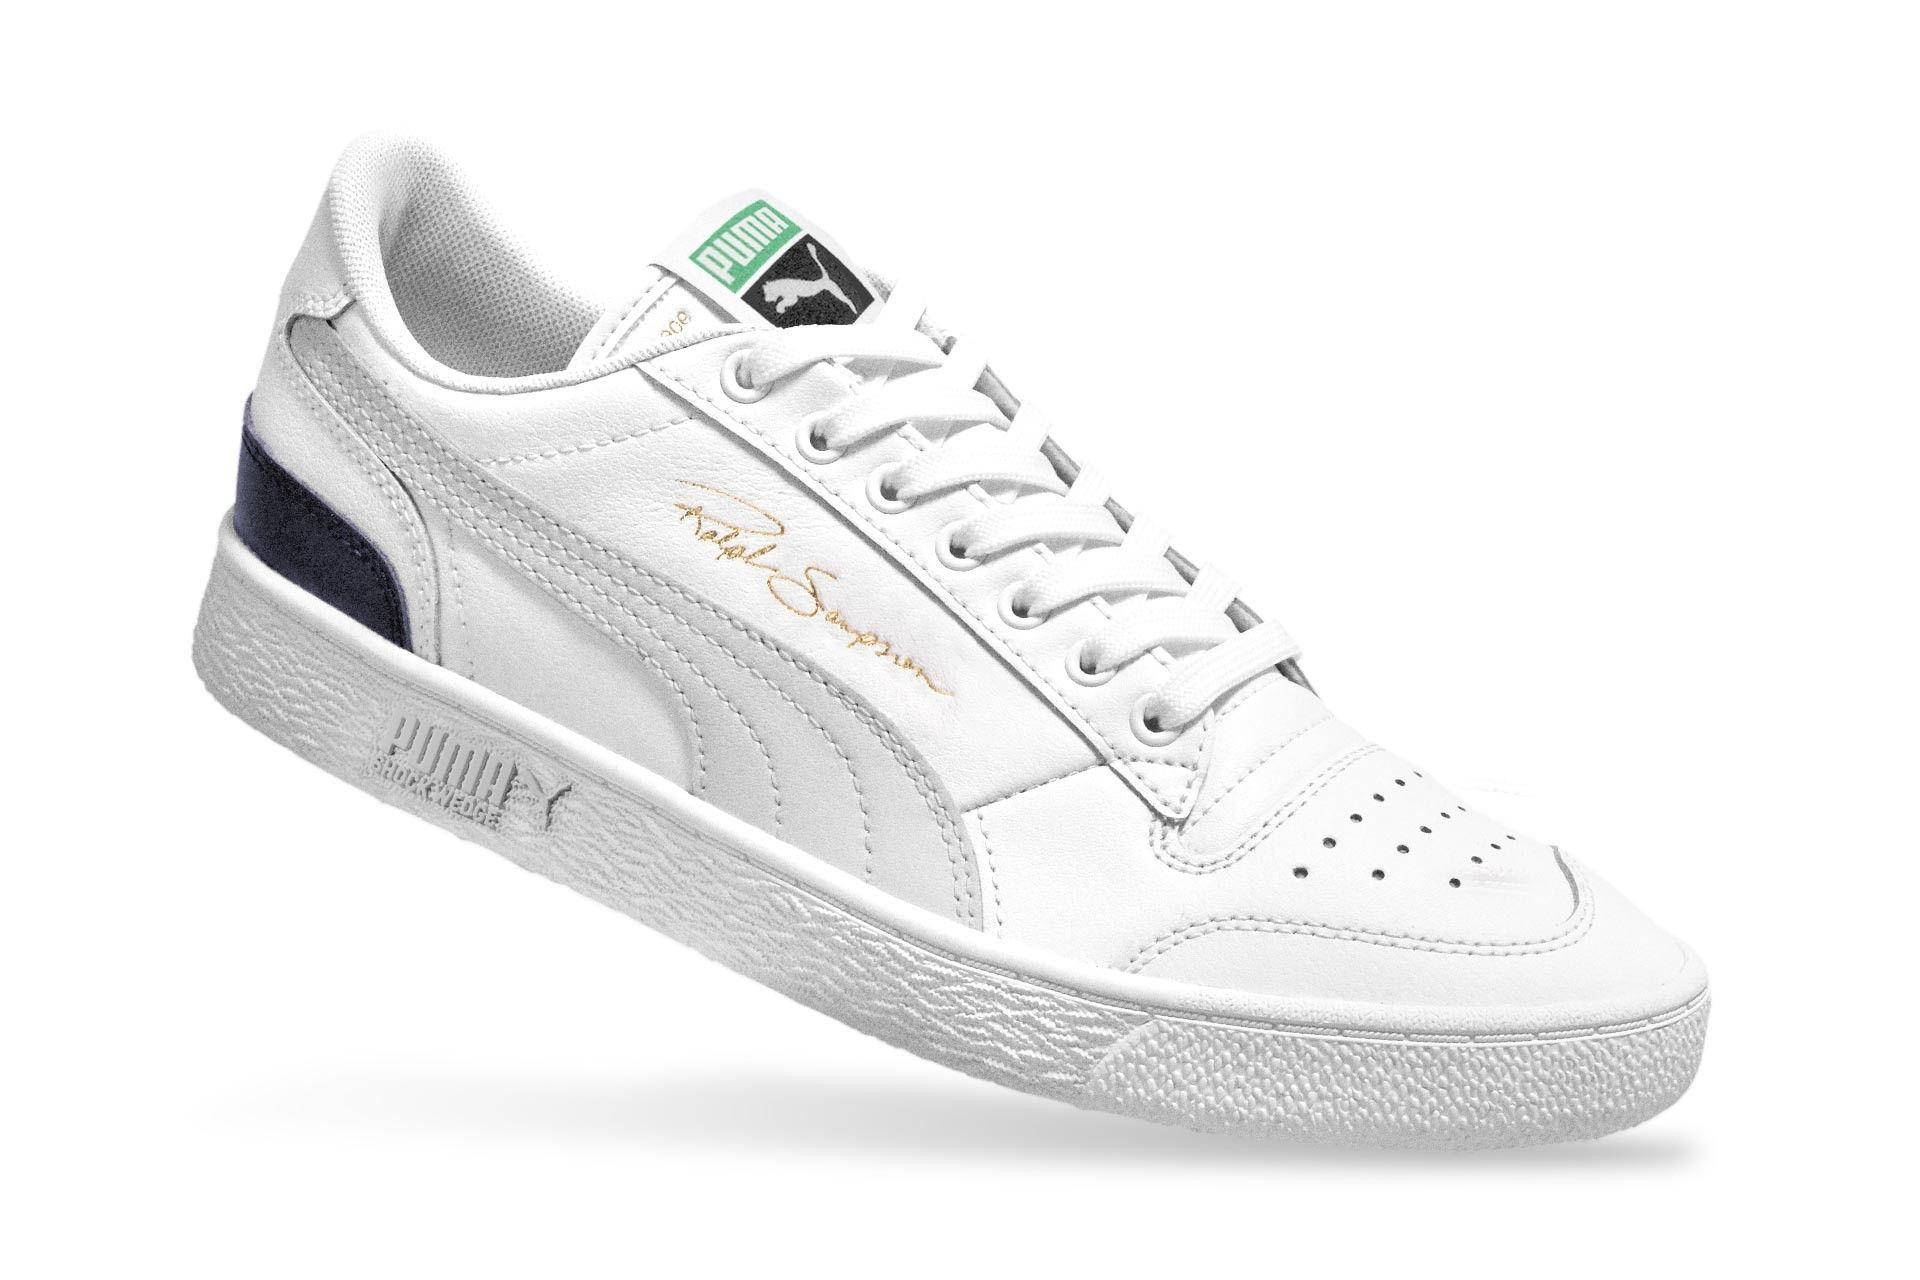 Afbeelding van Puma Ralph Sampson Low Og 370719 01 Sneakers Puma White-Gray Violet-Peacoat April